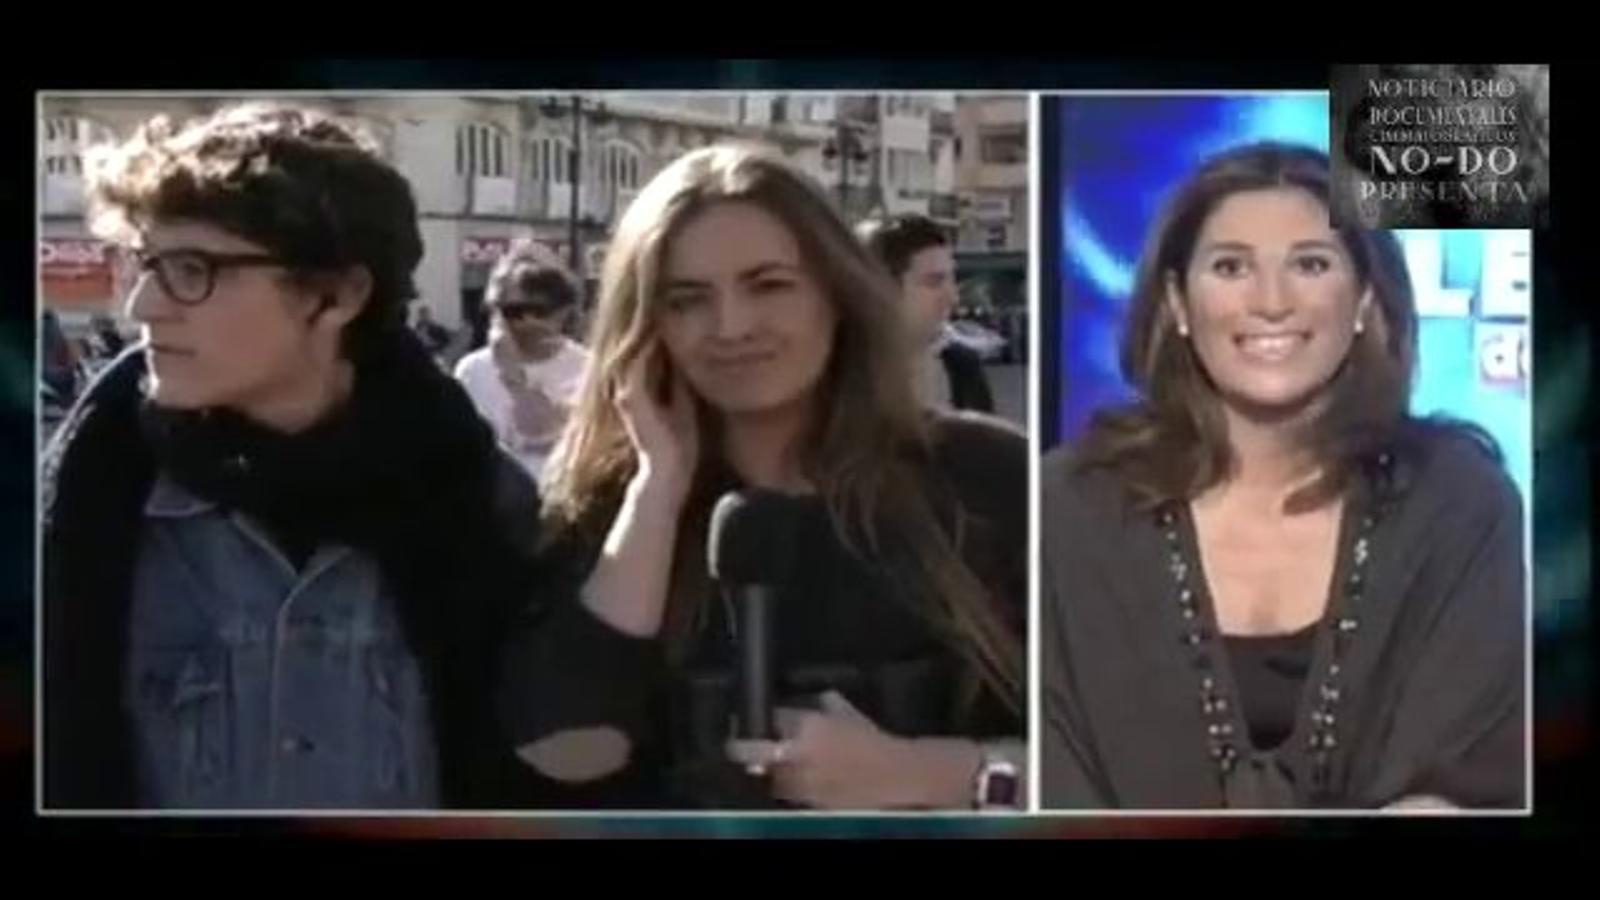 Acusen Intereconomía de fingir una agressió dels estudiants valencians